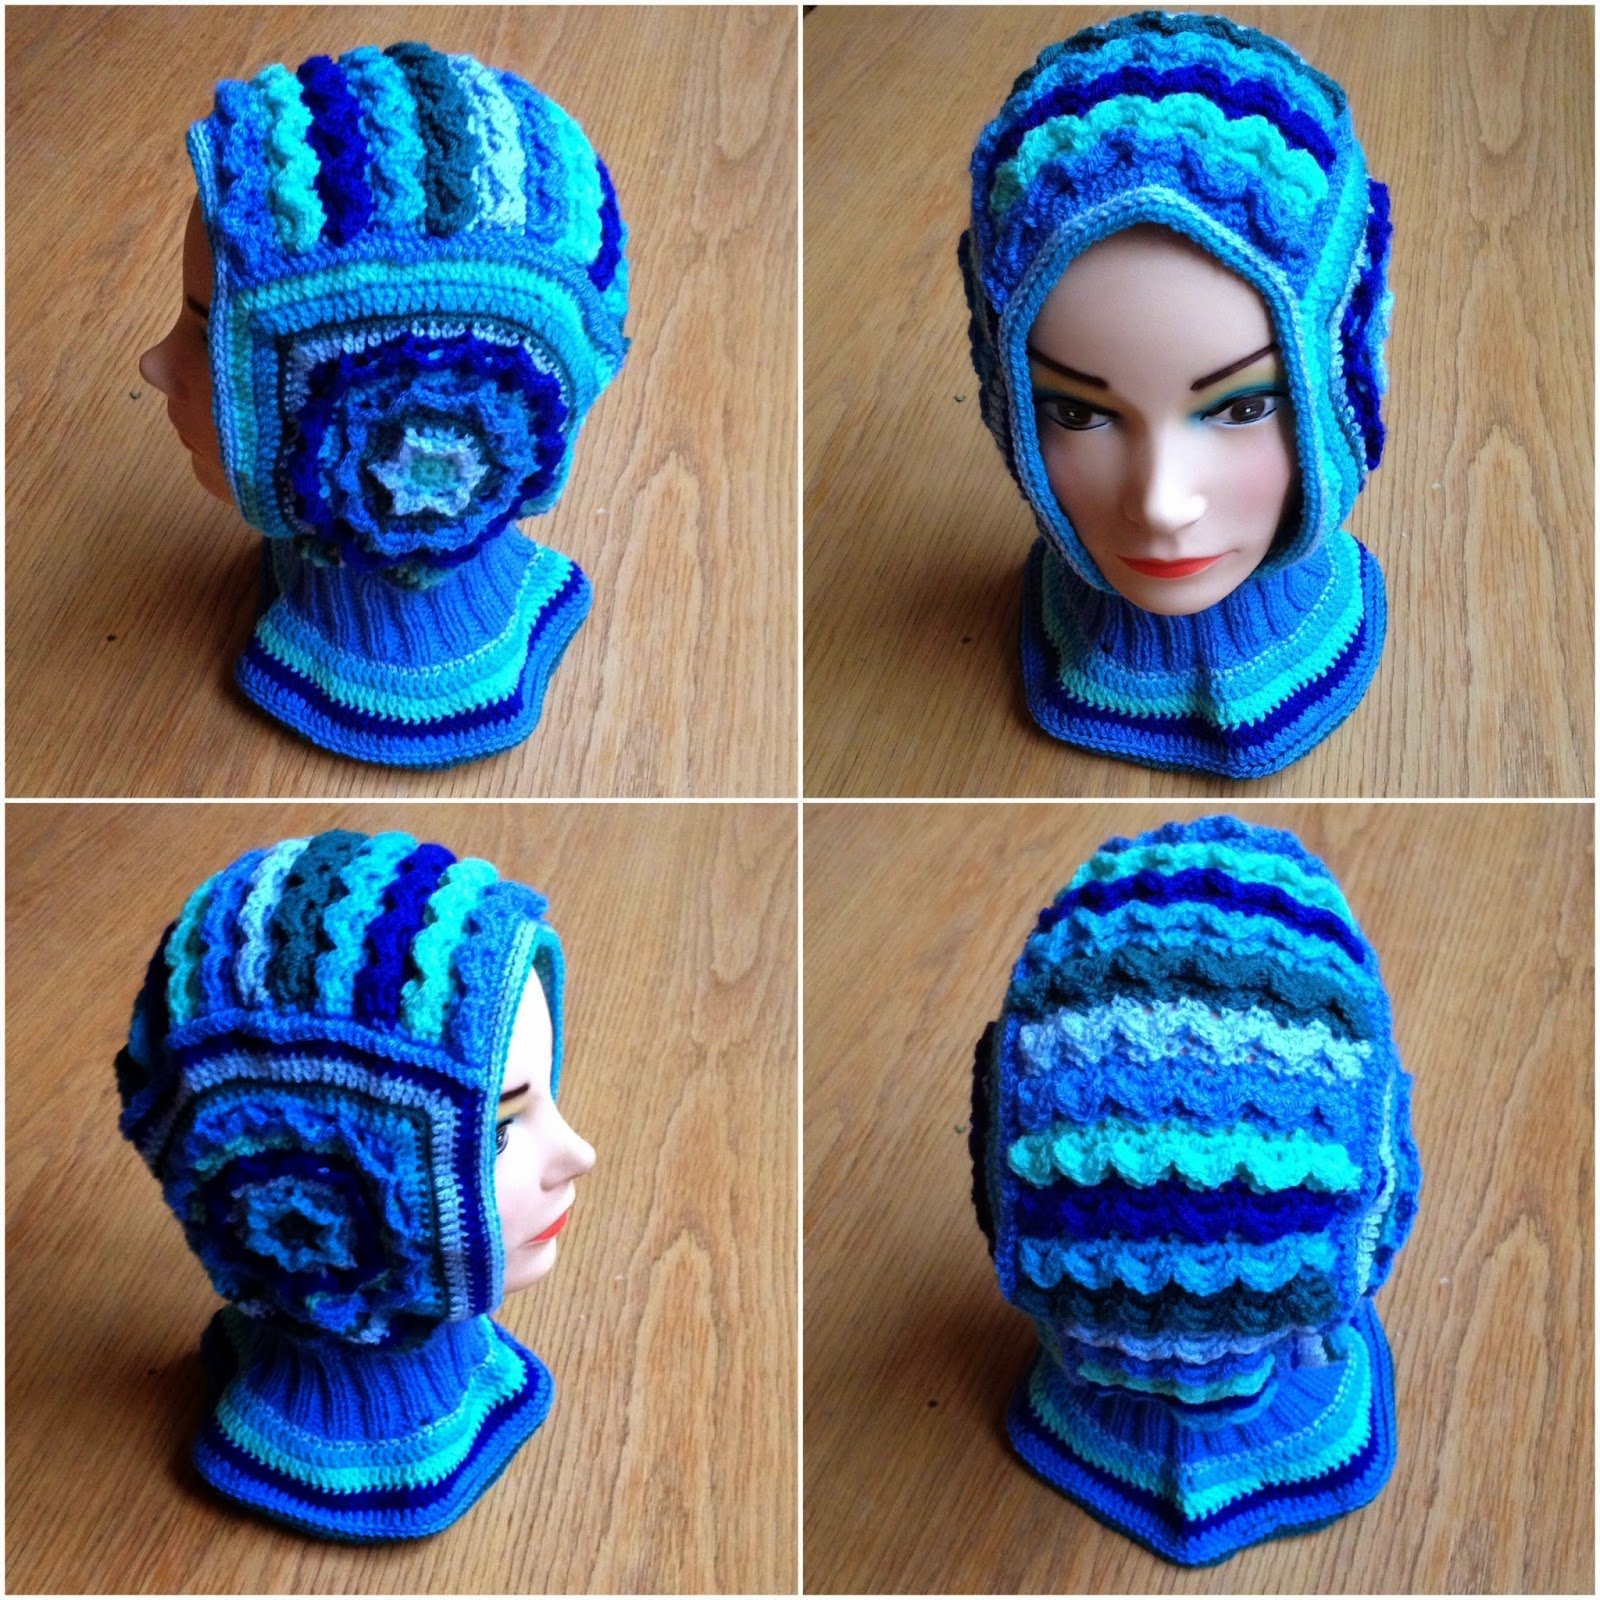 вязание шапки 2013 1014 зима схемы